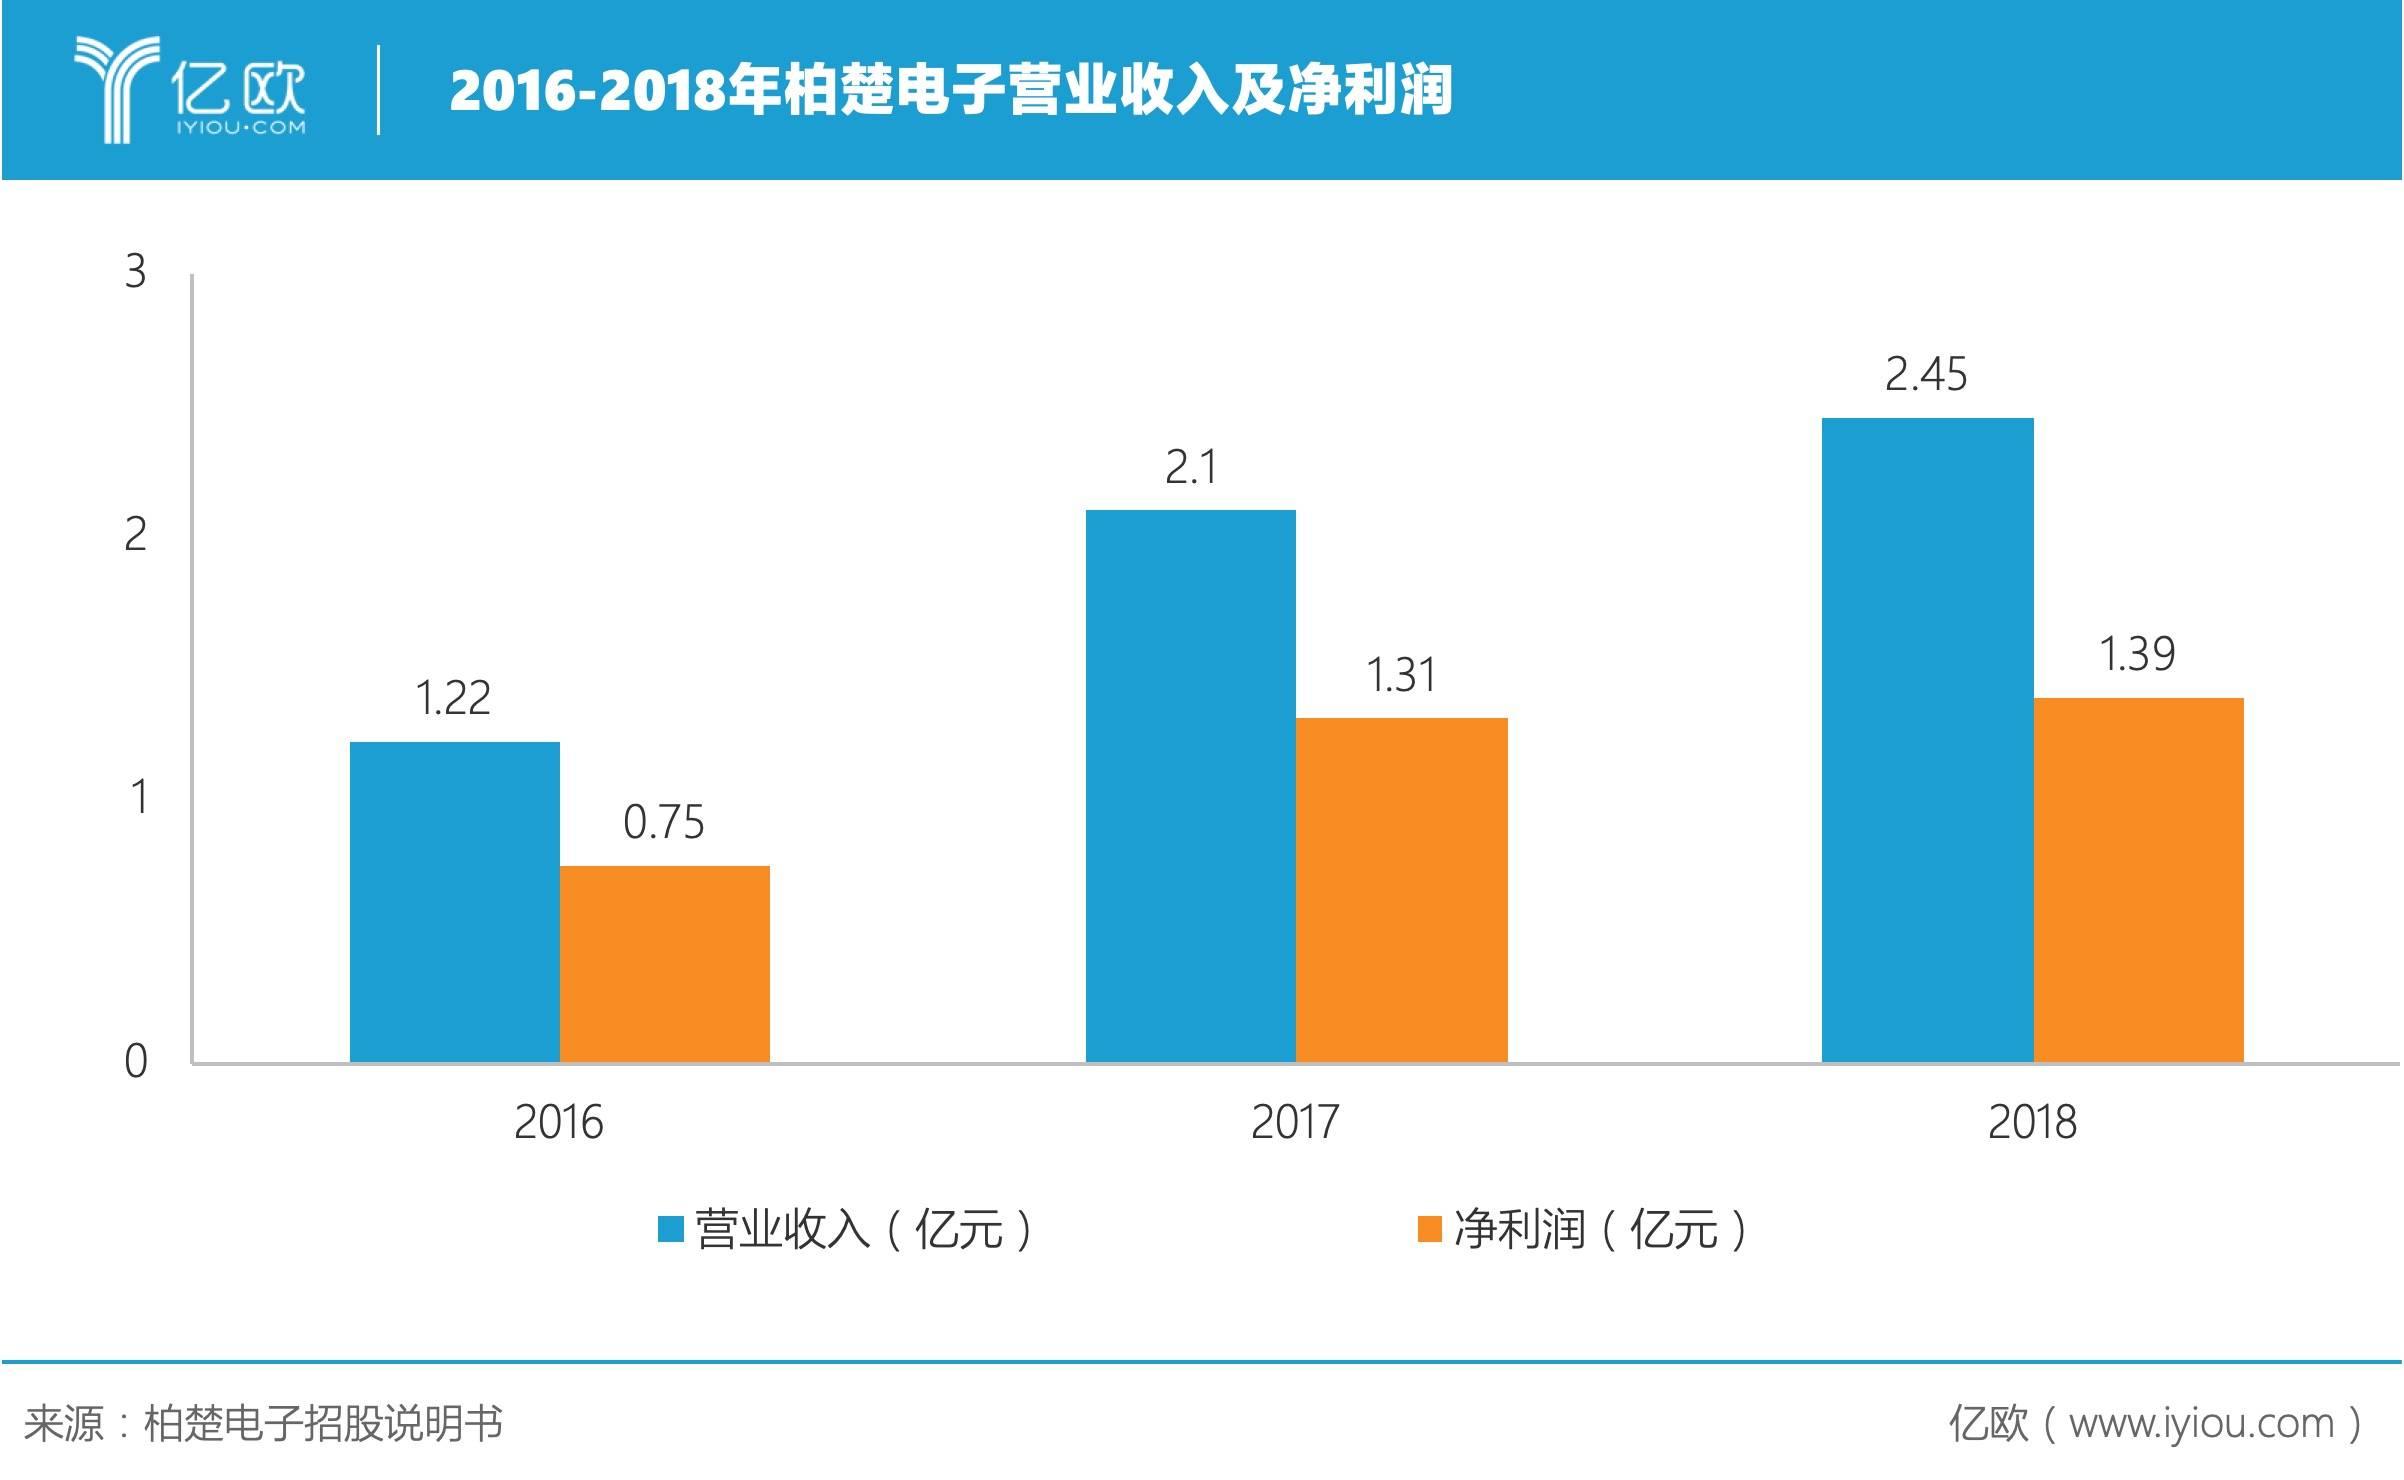 2016-2018年柏楚电子营业收入及净利润.jpeg